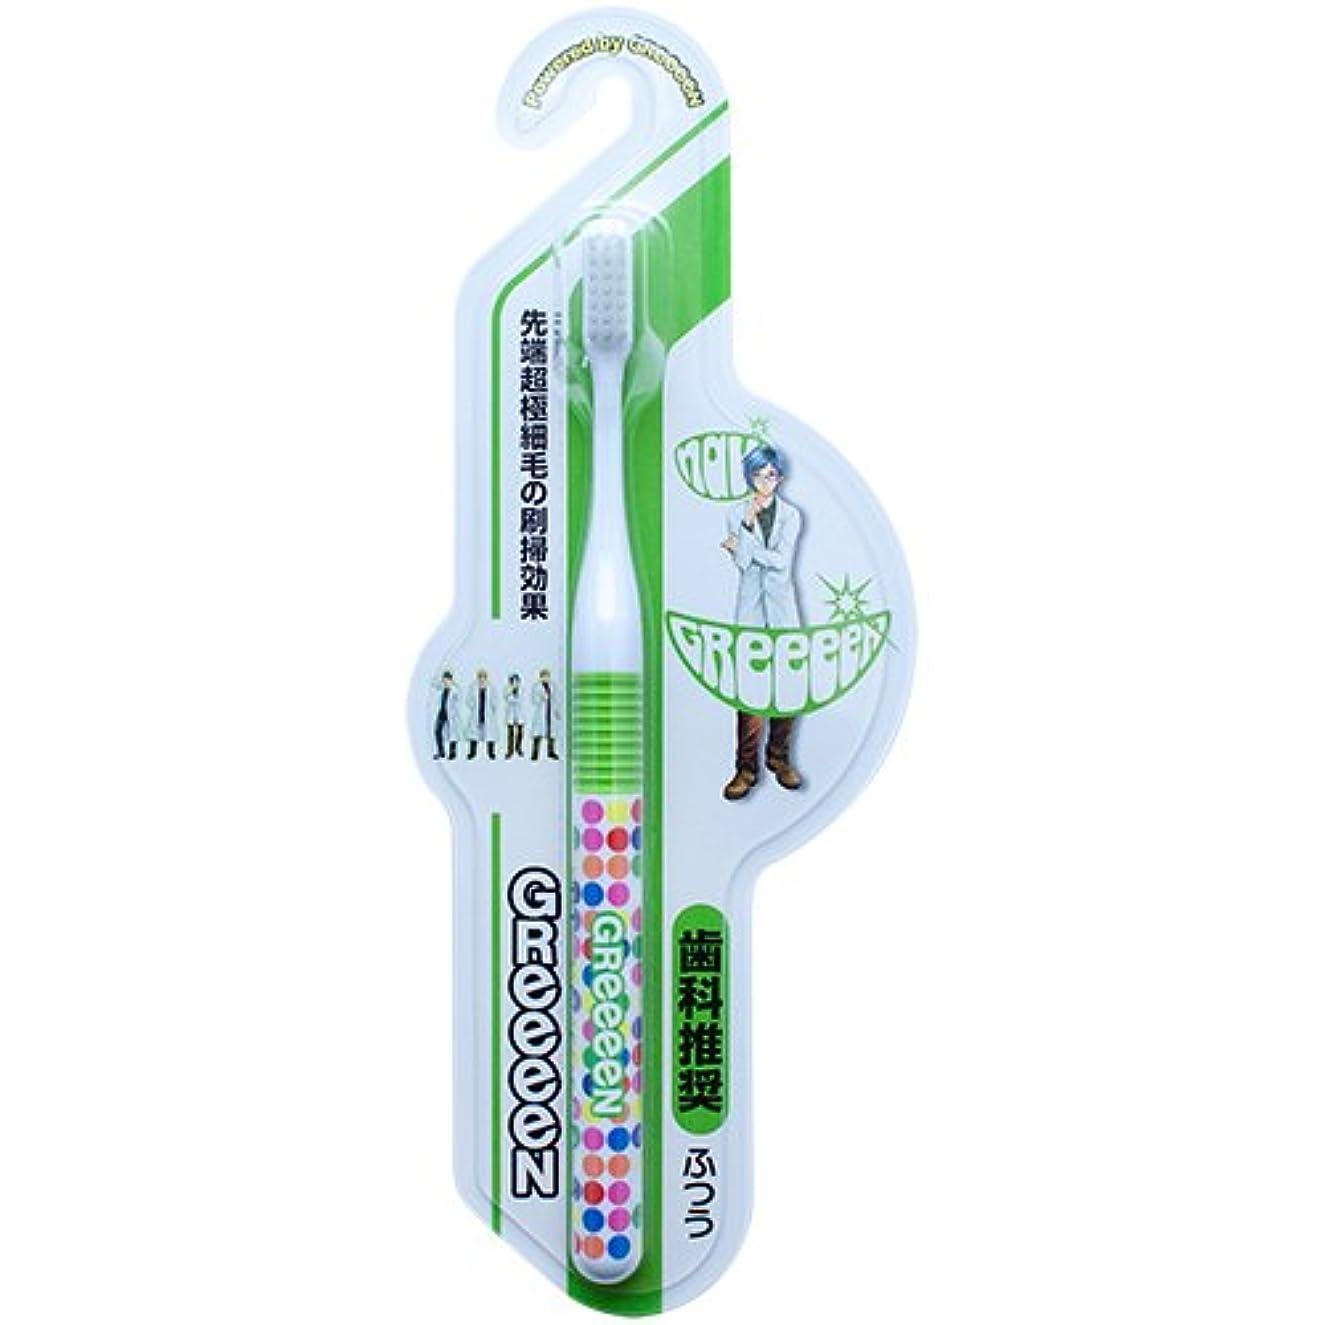 ガチョウある発言するGReeeeN 3列ヘッドラバーグリップ超極細毛歯ブラシ SIRO navi 1本